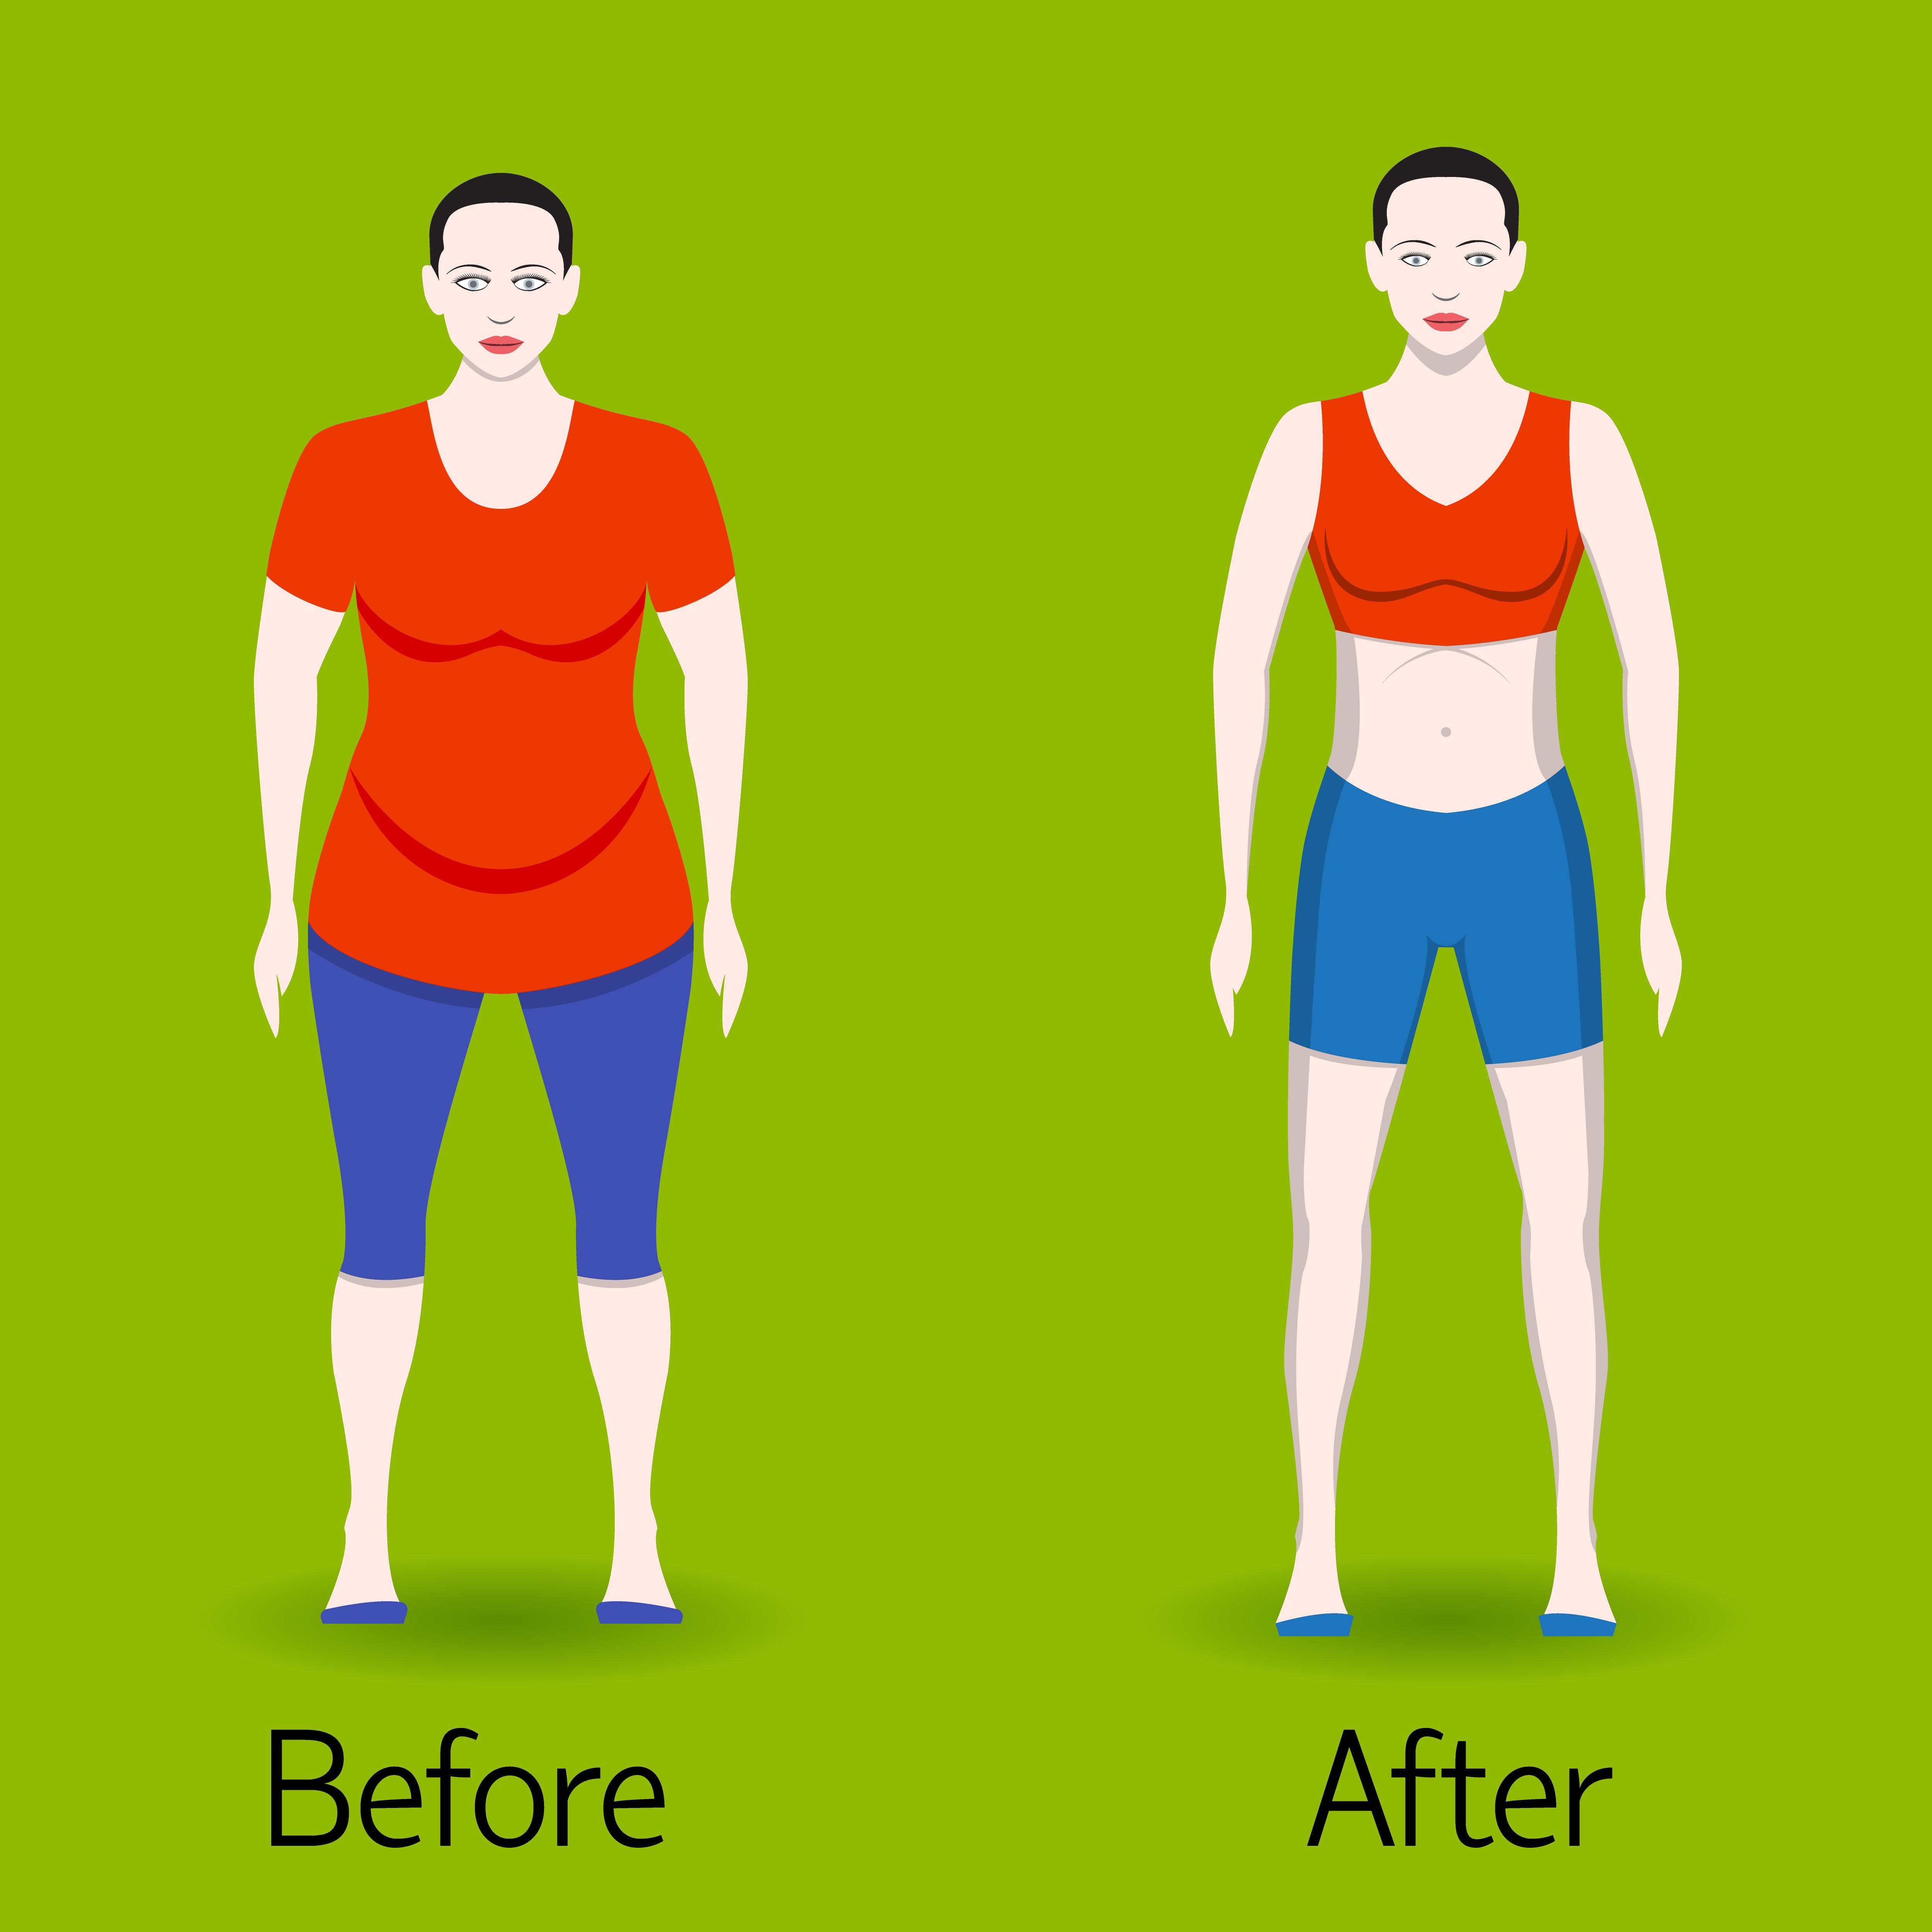 كيف يكون جسمك مثالي